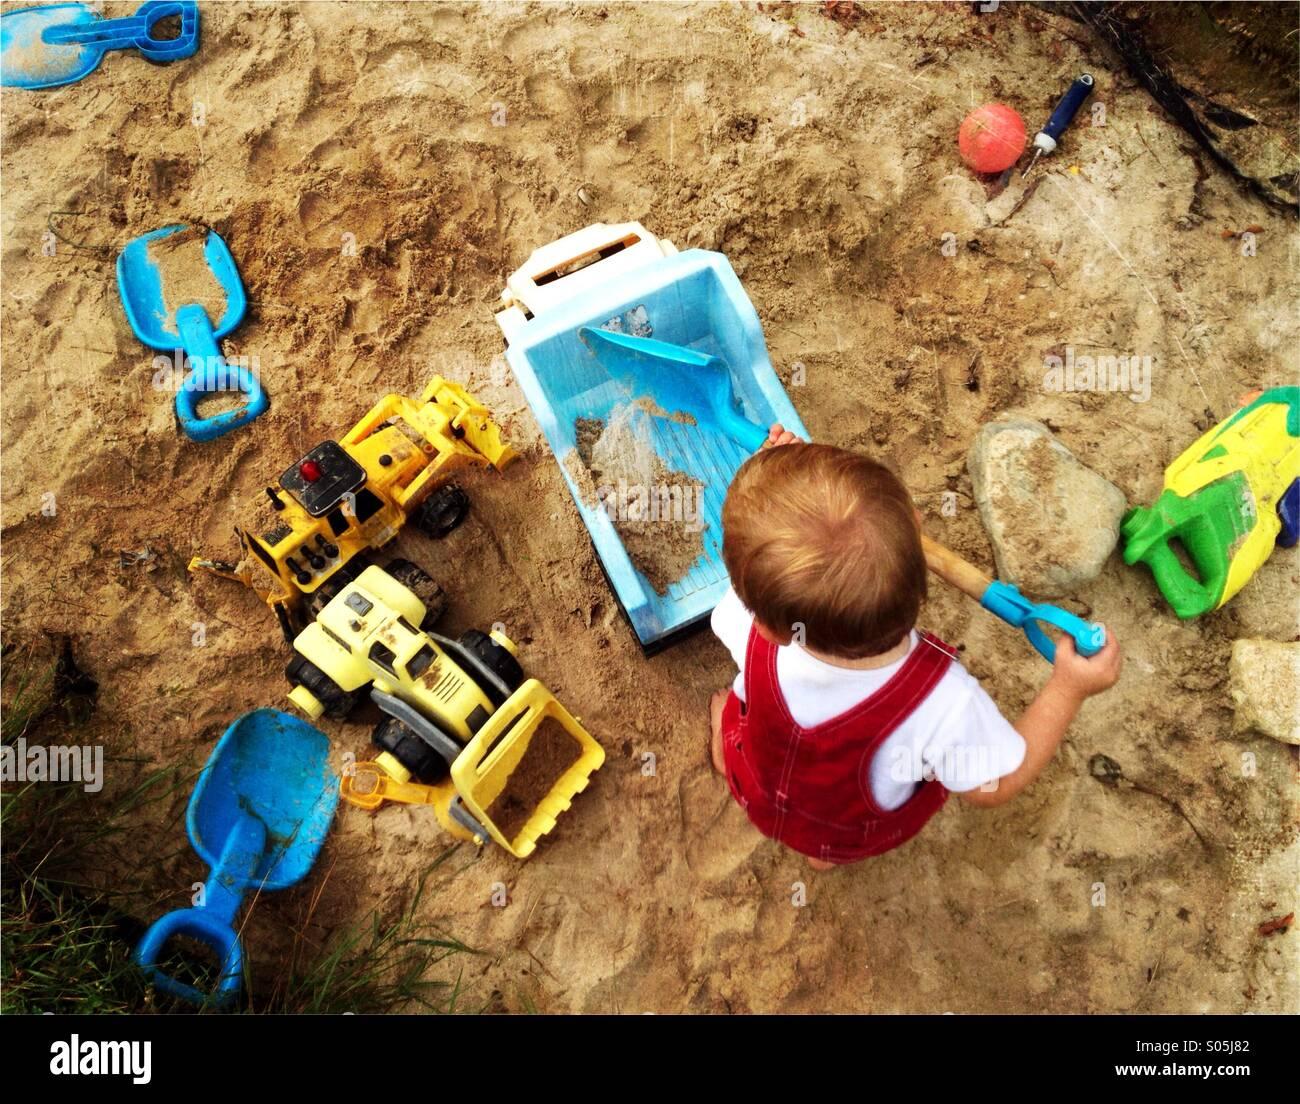 Toddler boy reproduz com uma pá e caminhões em uma grande área de segurança. Imagens de Stock